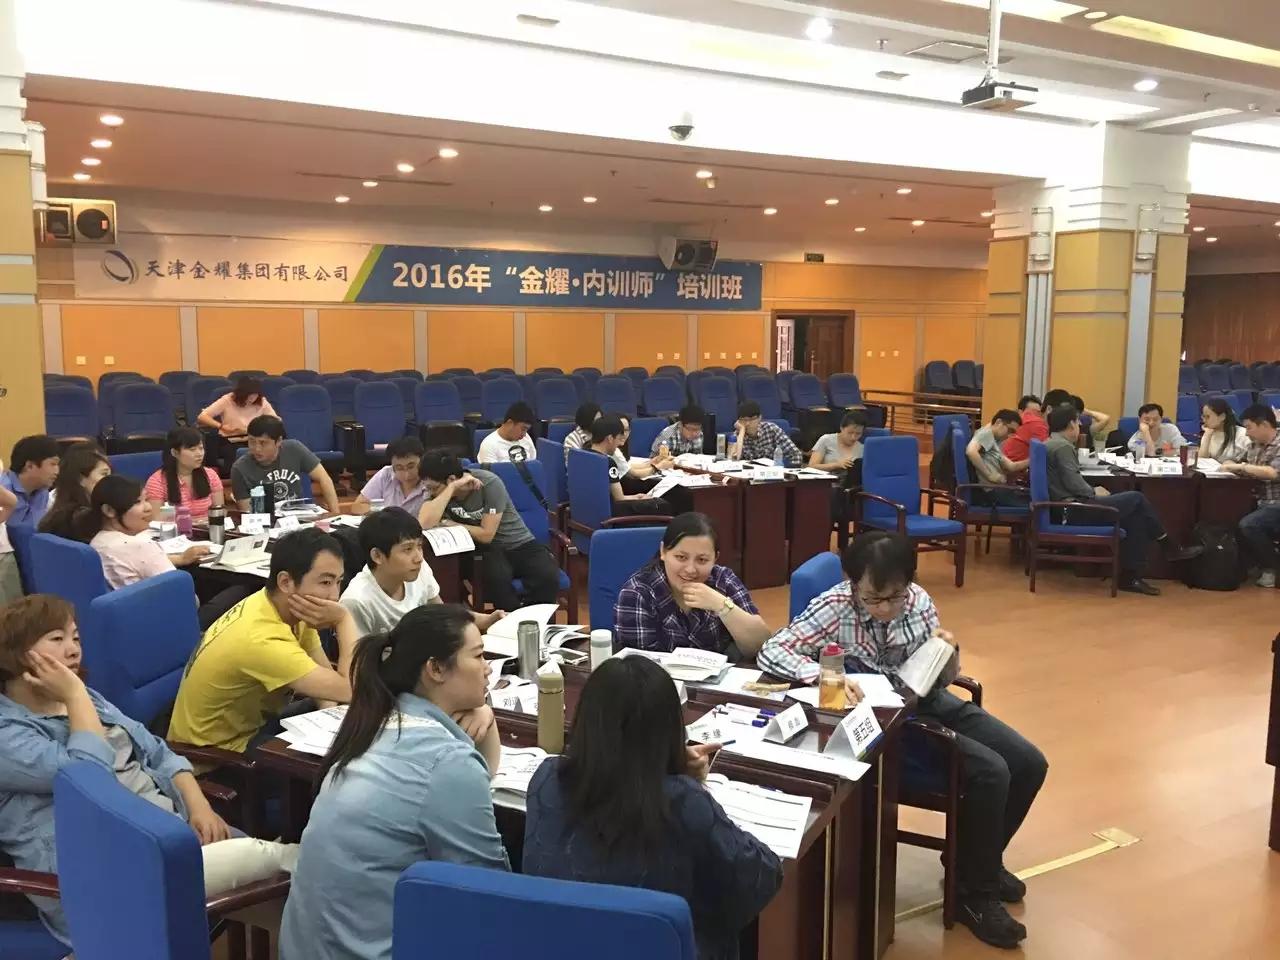 金耀集团《FAST高效课程开发》第三期第一阶 培训师邱伟